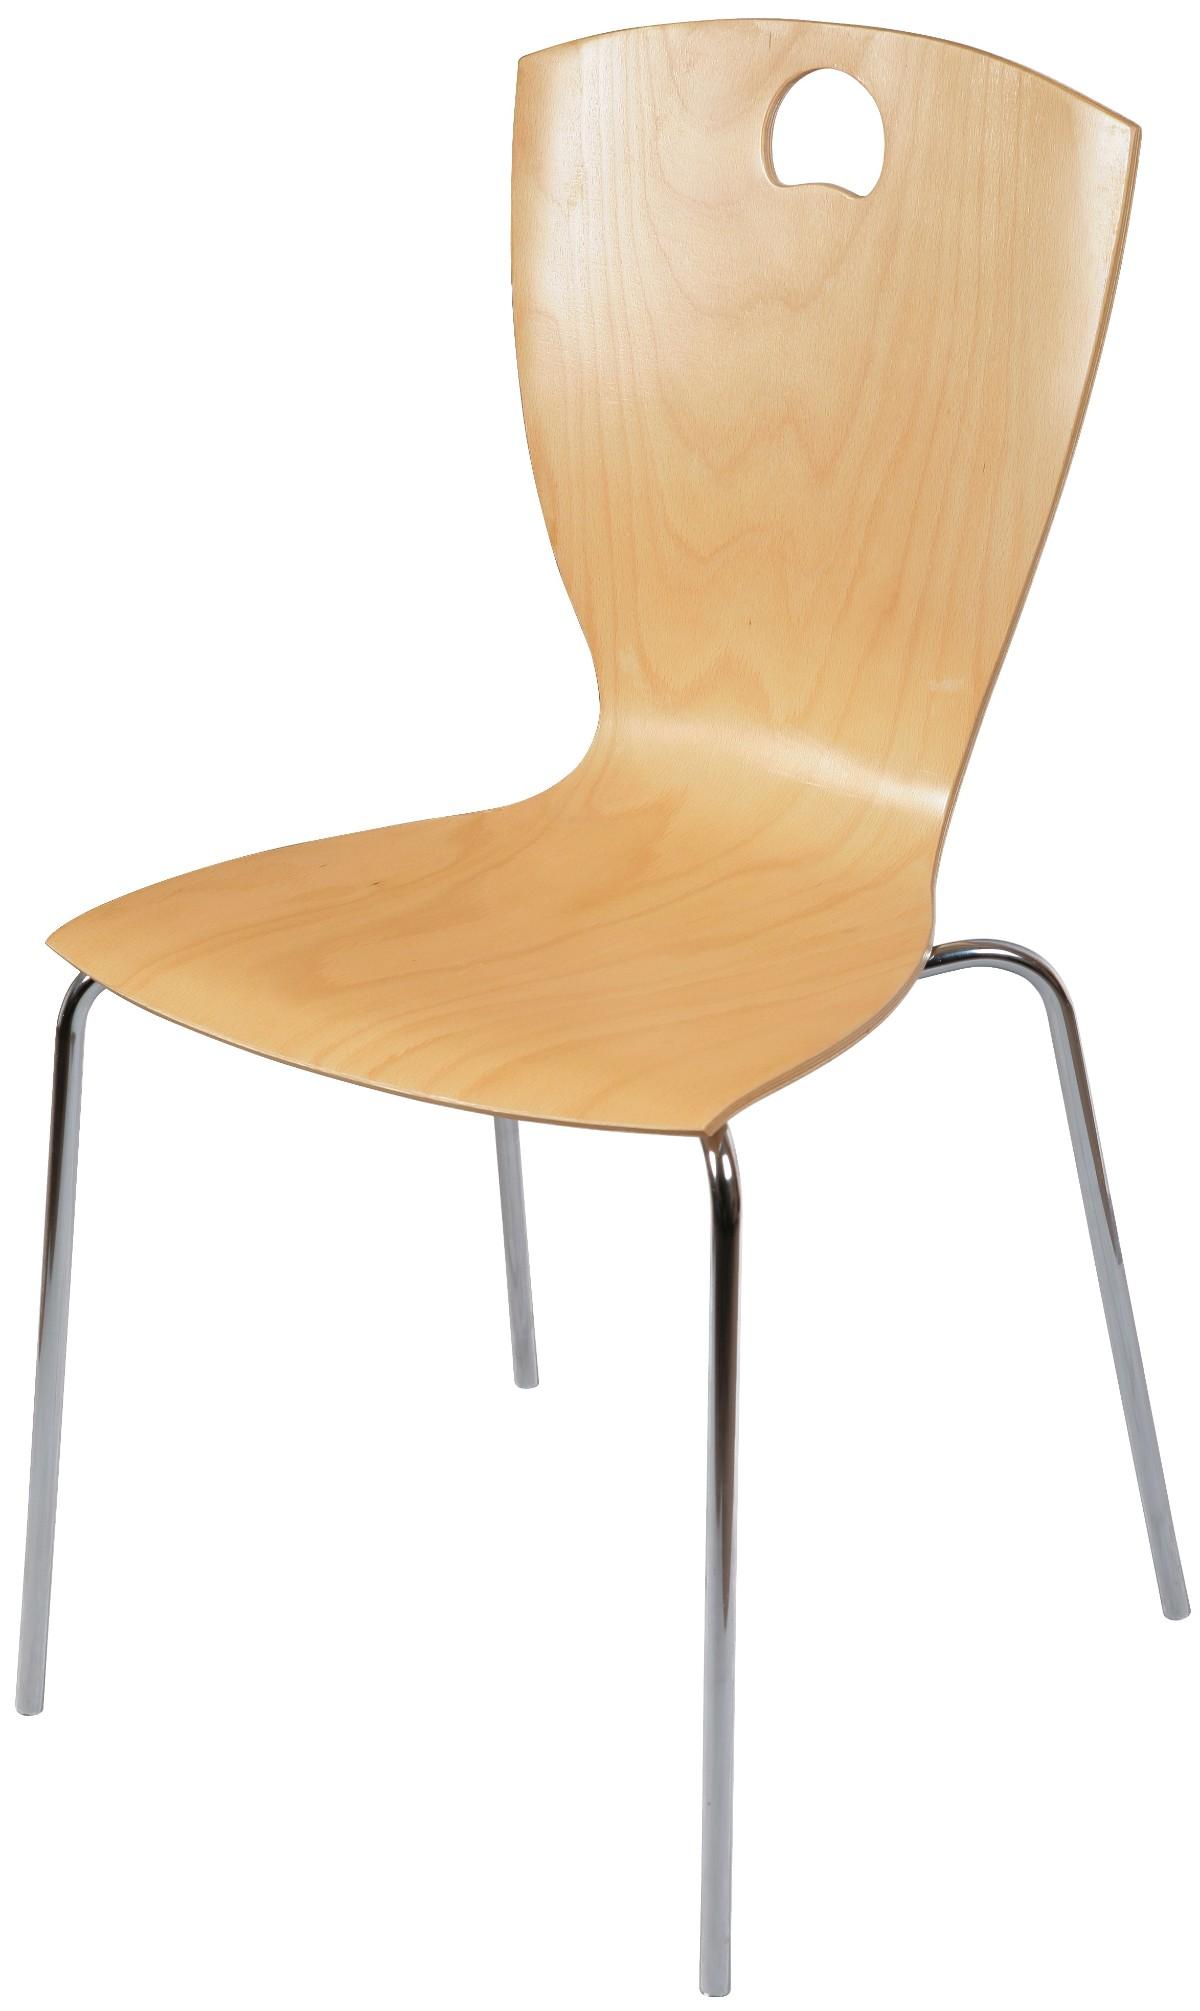 ELENA A CROM natúr lakozott bükk szék